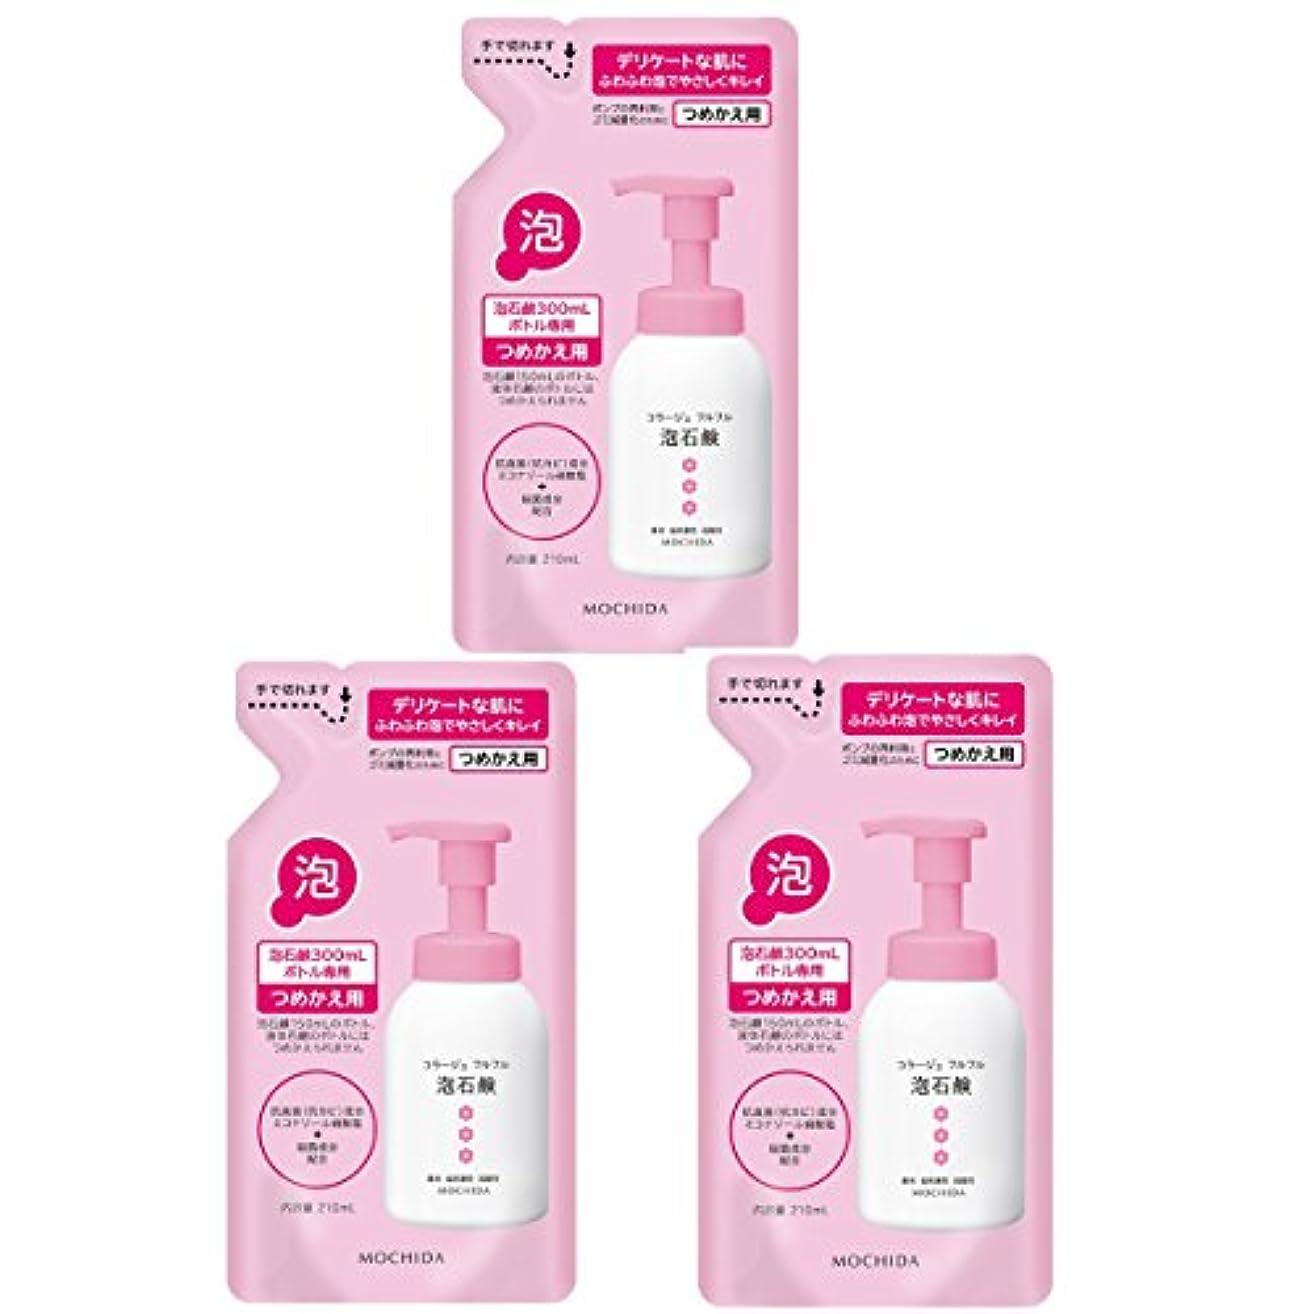 解説血まみれの常にコラージュフルフル 泡石鹸 ピンク つめかえ用 210mL (医薬部外品)×3